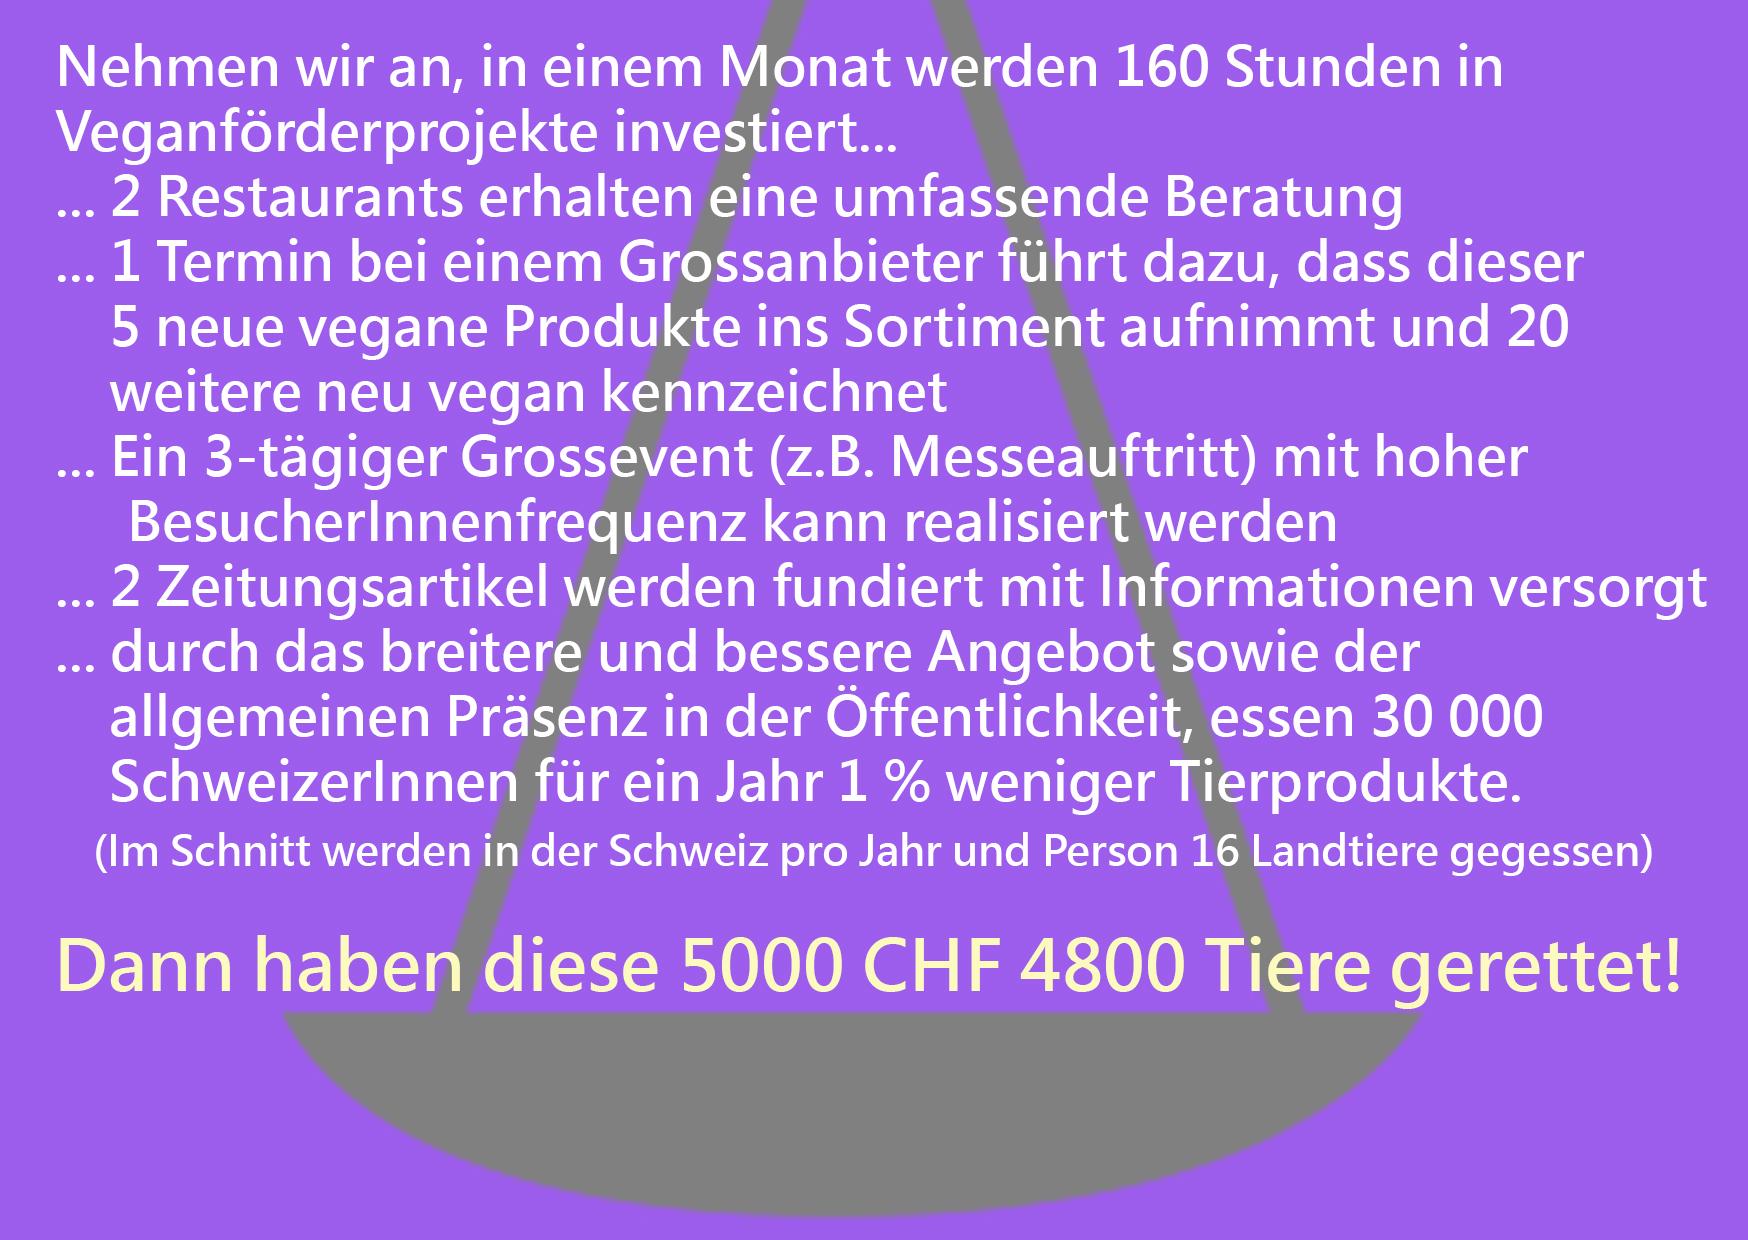 Spenden Nudging 5000 Franken Seite B